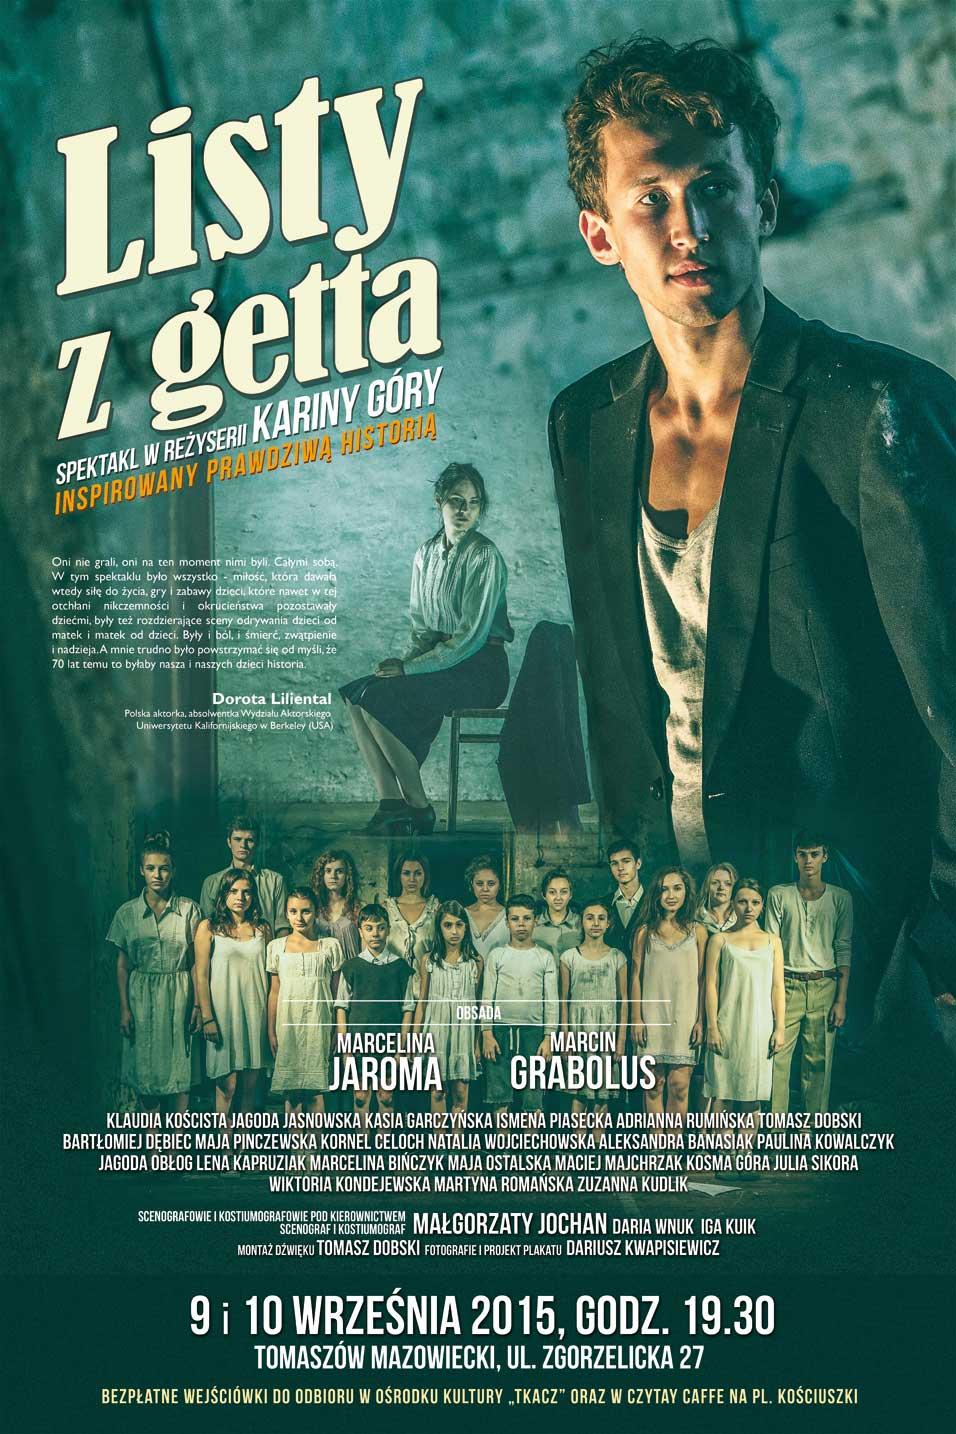 listy-z-getta-plakat-wrzesien-2015